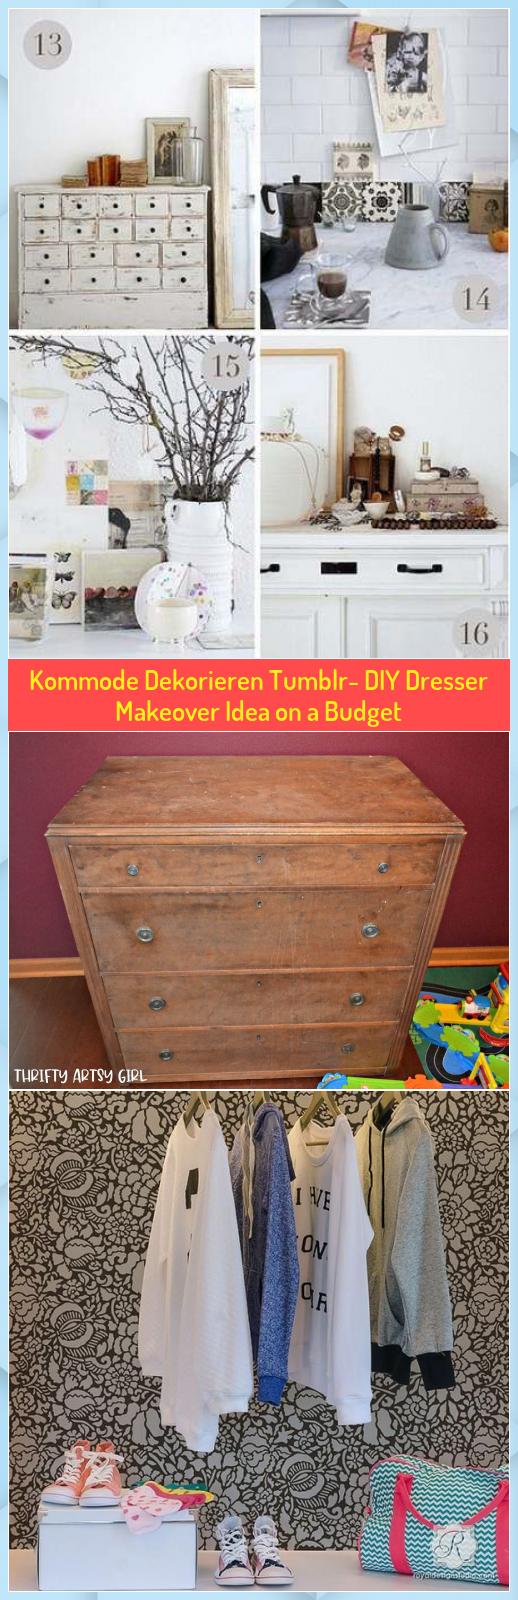 Diy Dresser Makeover Idea